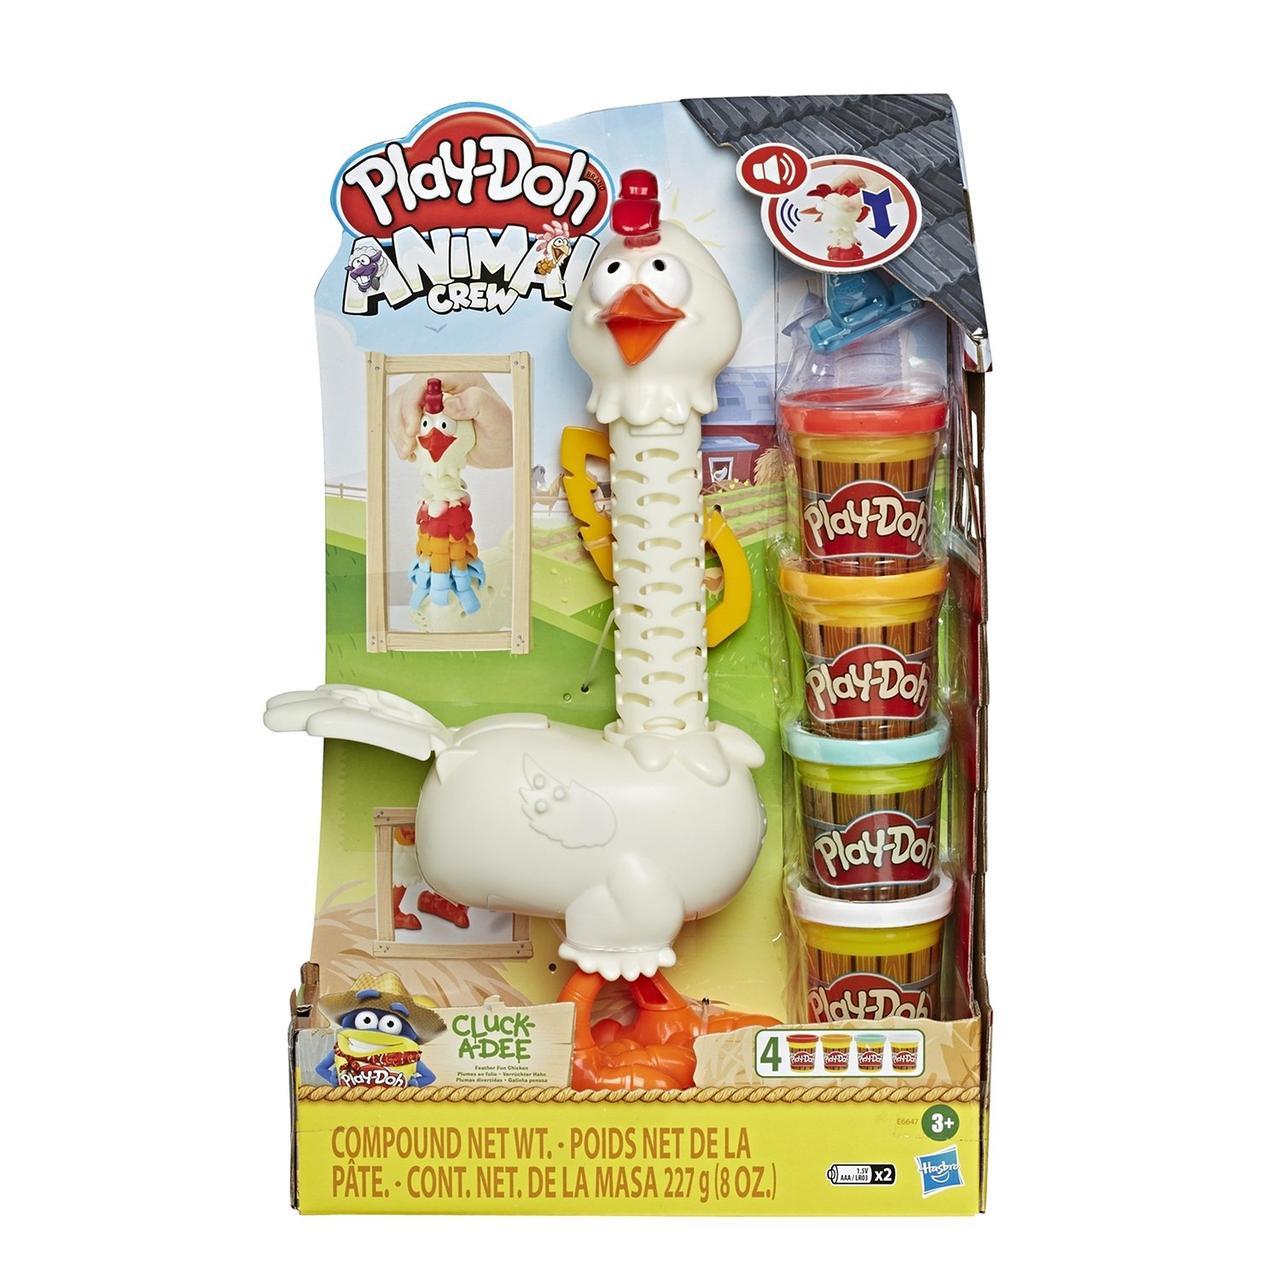 Hasbro Play Doh Игровой набор Курочка - чудо в перьях, Плей До